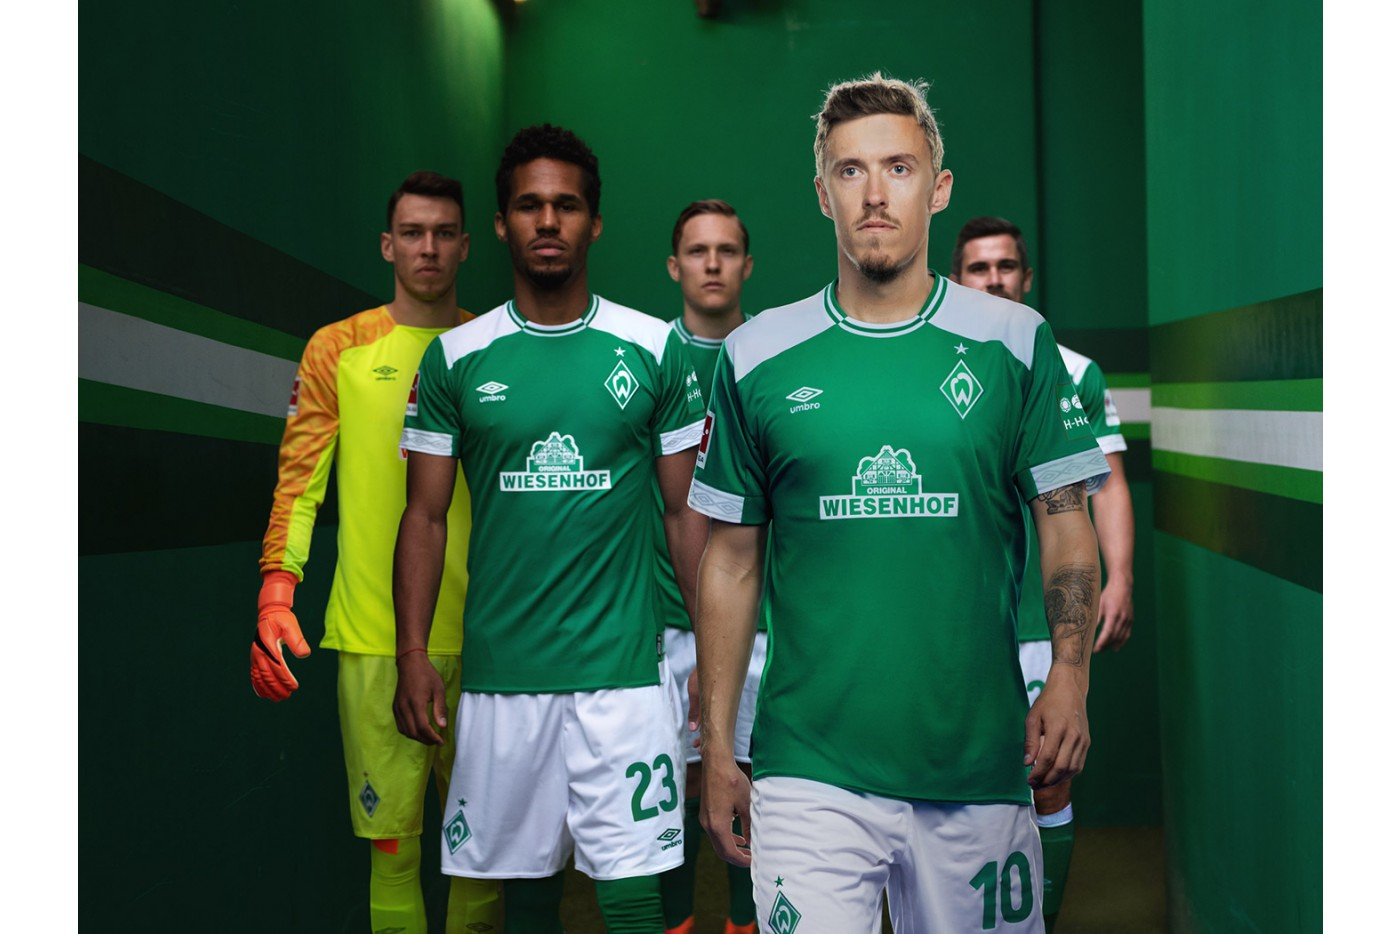 Sportverein Werder Bremen